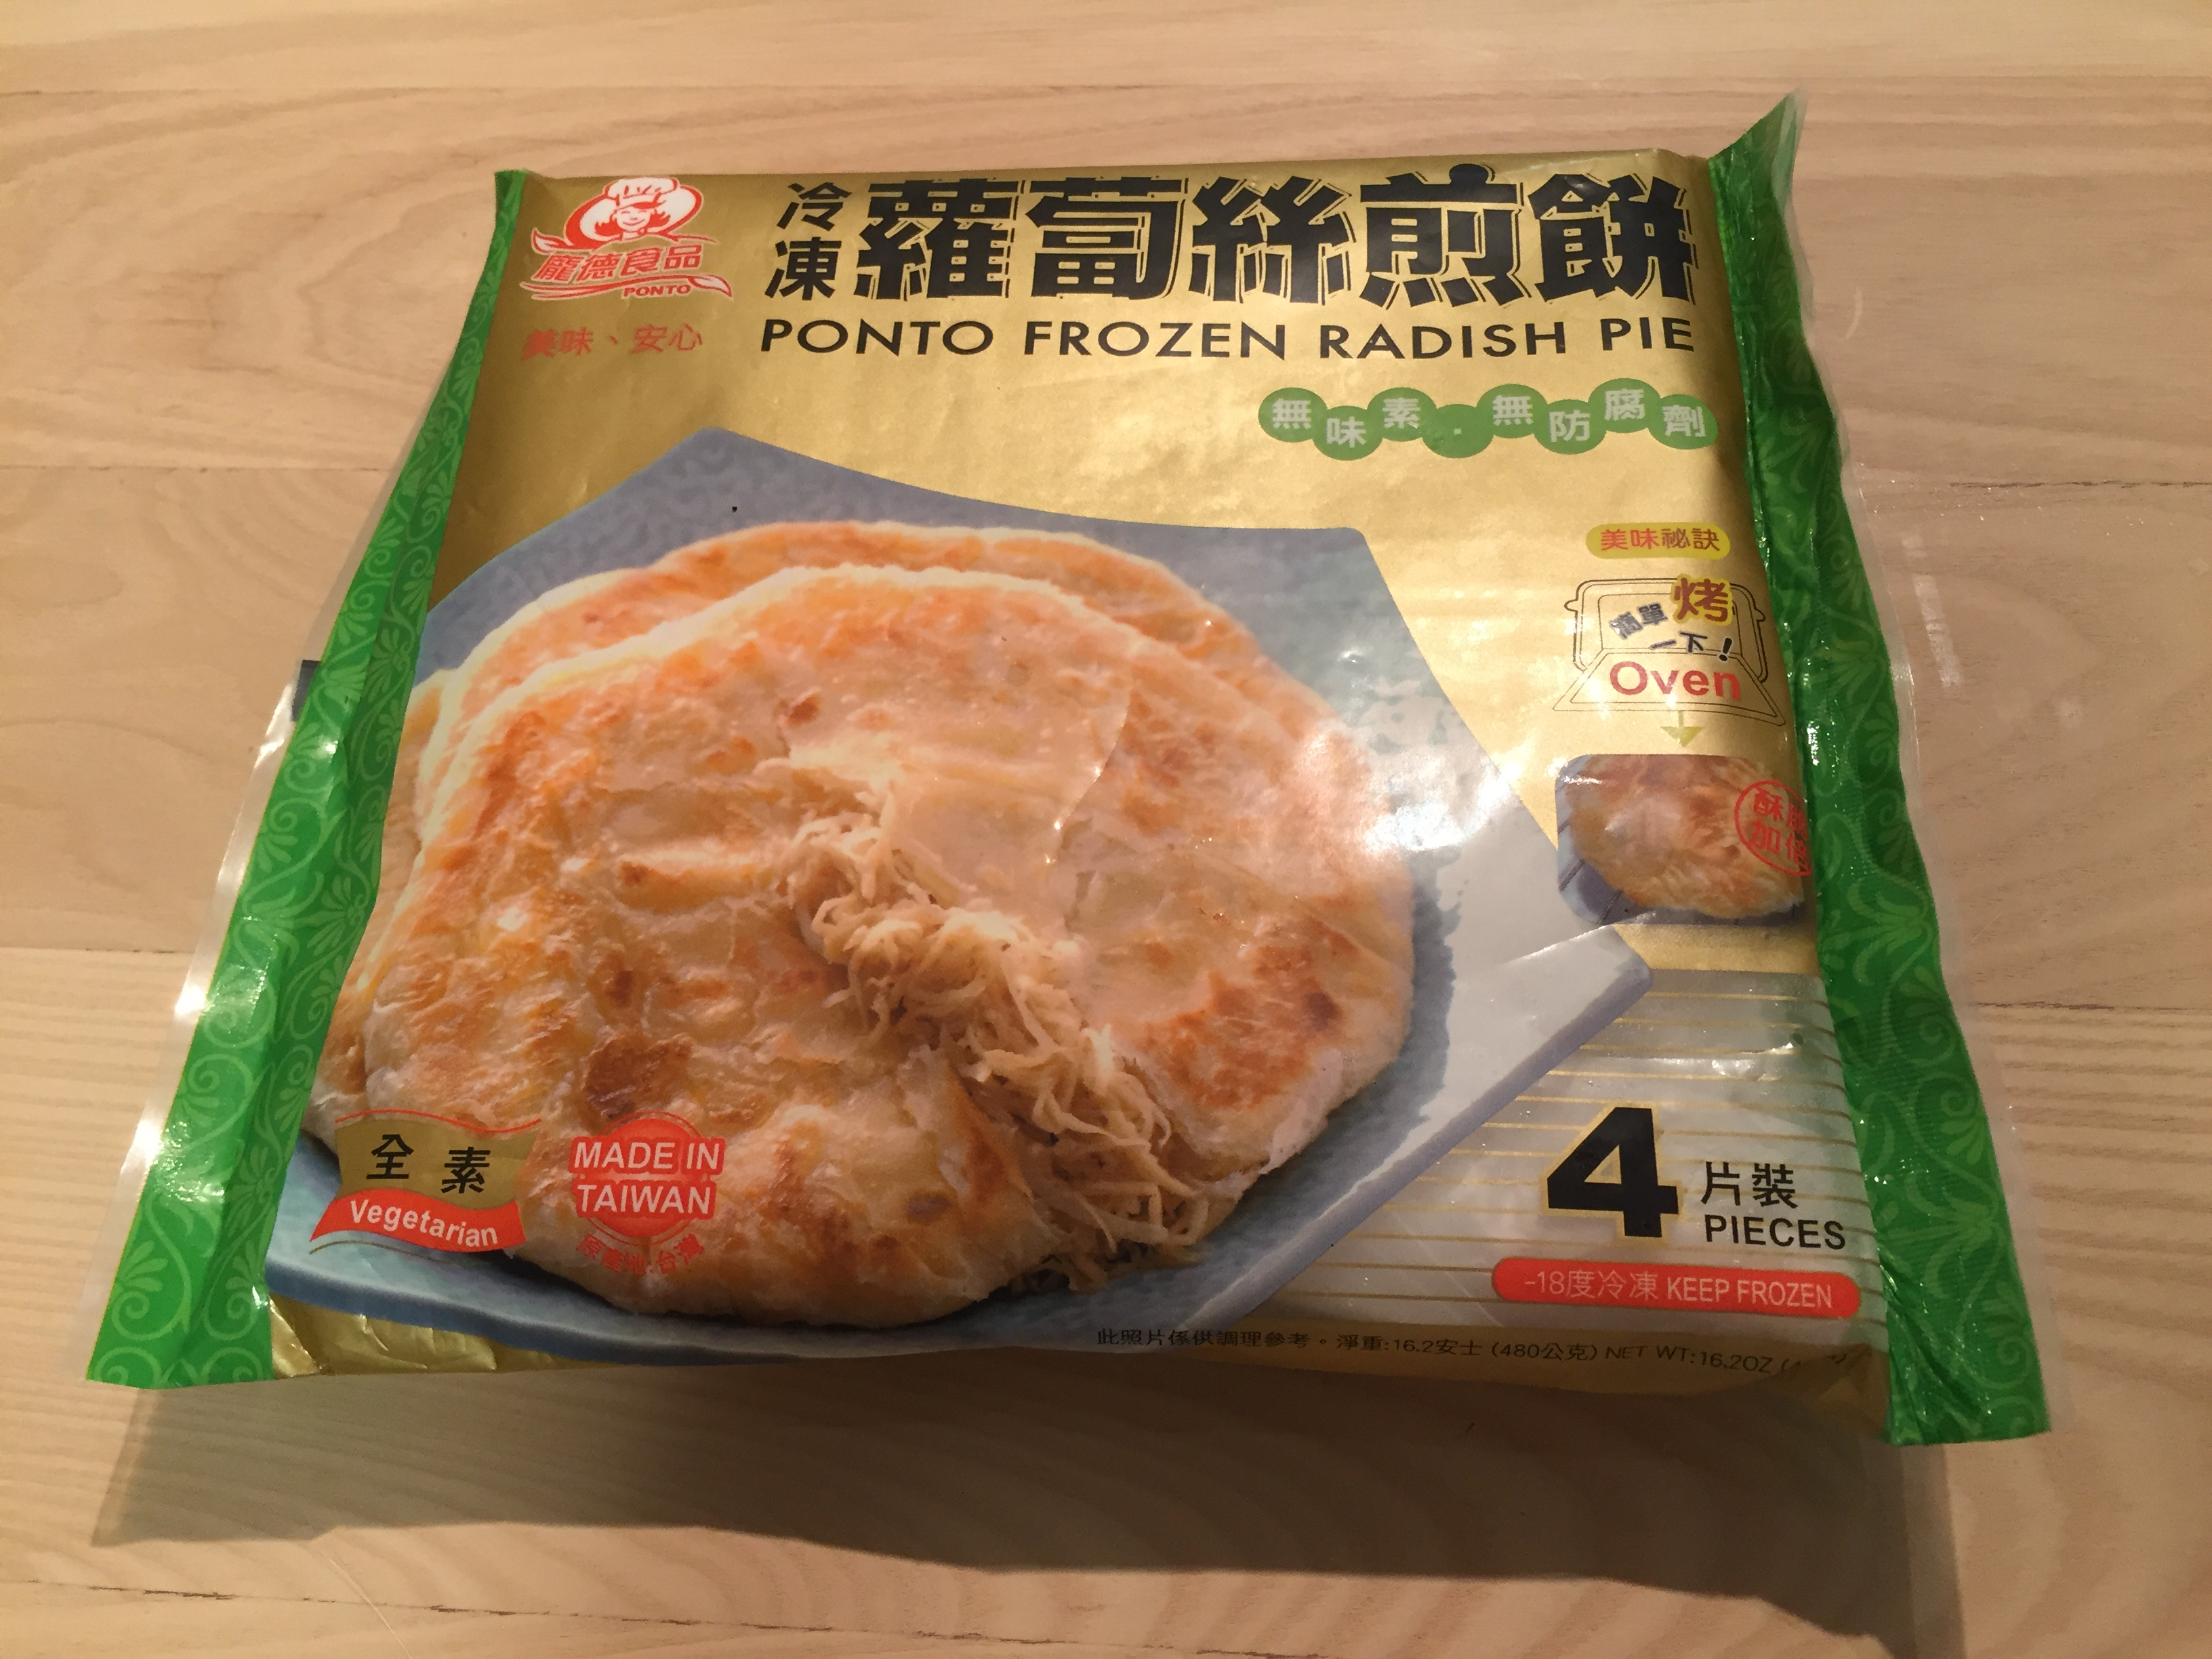 池袋で台湾食品を入手!